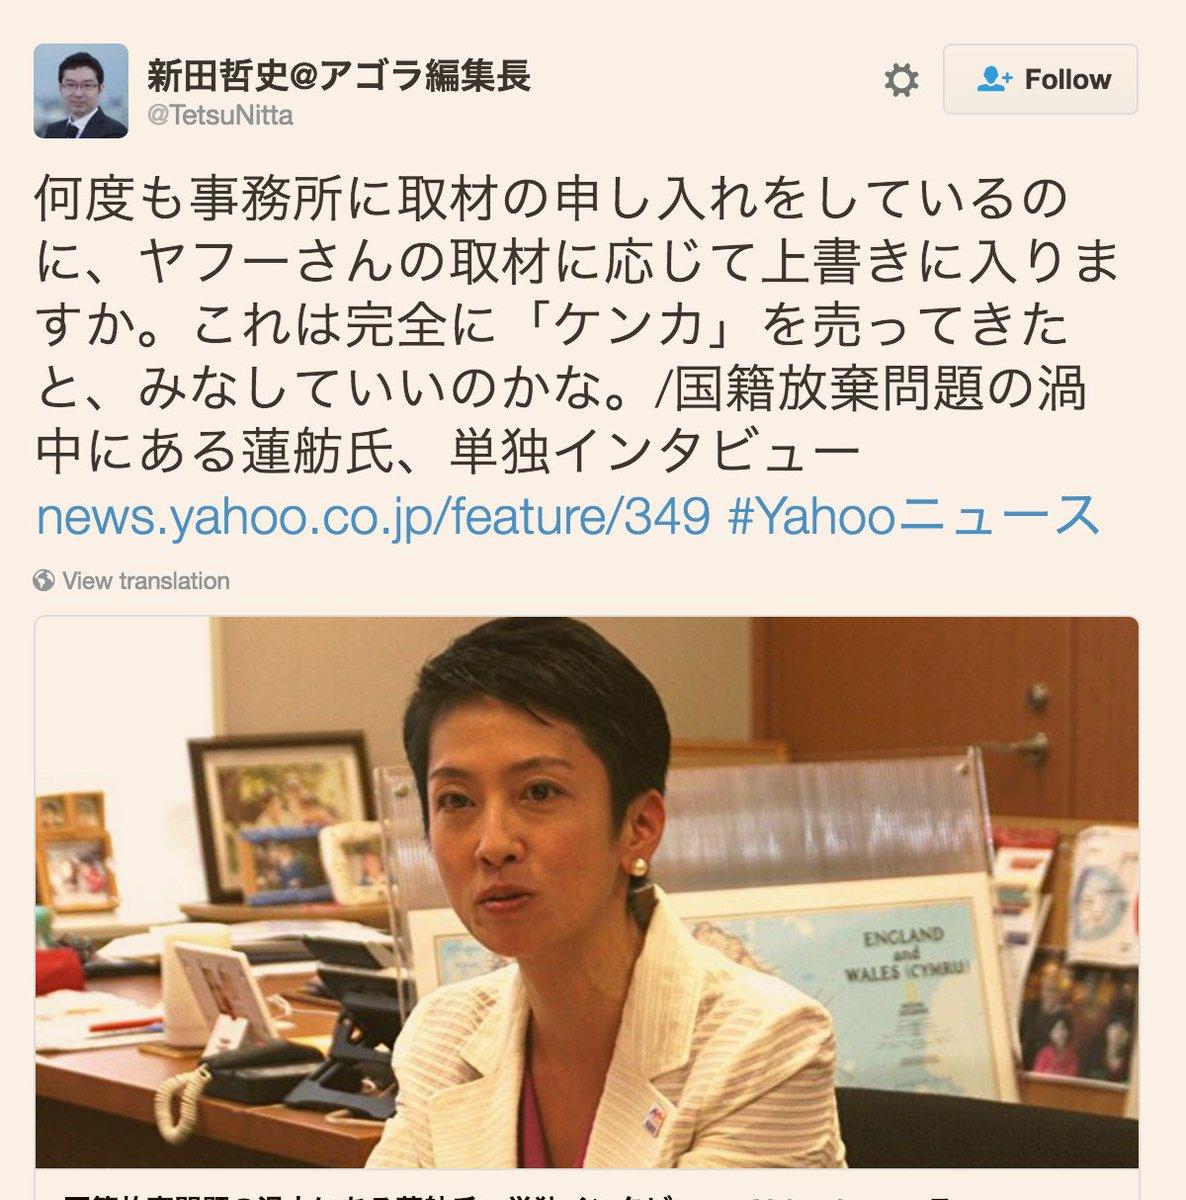 アゴラの編集長が、インタビュー申し込んでたのに、相手が野嶋さんを選んだことに「ケンカを打ってきた?」みたいなことをつぶやいている。なんか、思考回路が「メディアヤクザ」だね… https://t.co/ndET0vZE5f